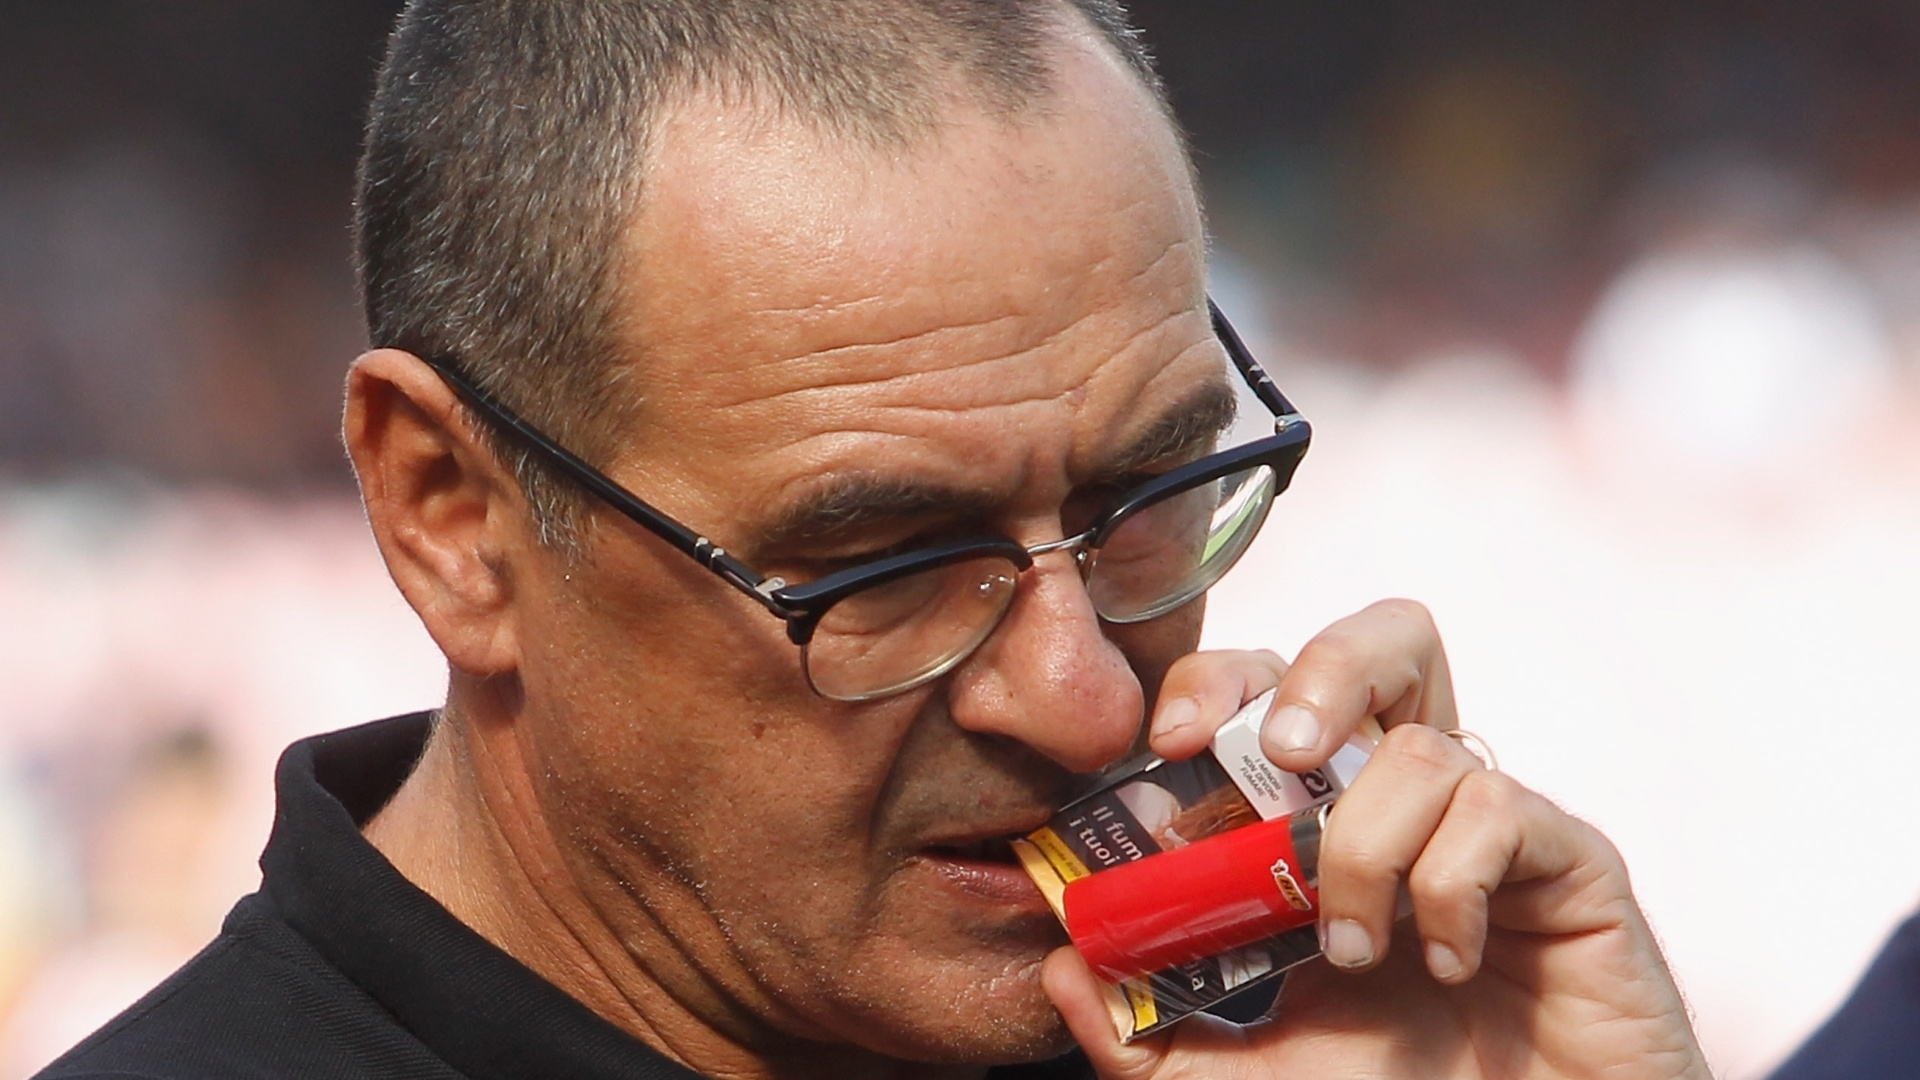 O técnico Maurizio Sarri com um maço de cigarros na mão no jogo Napoli x Roma, em 2016